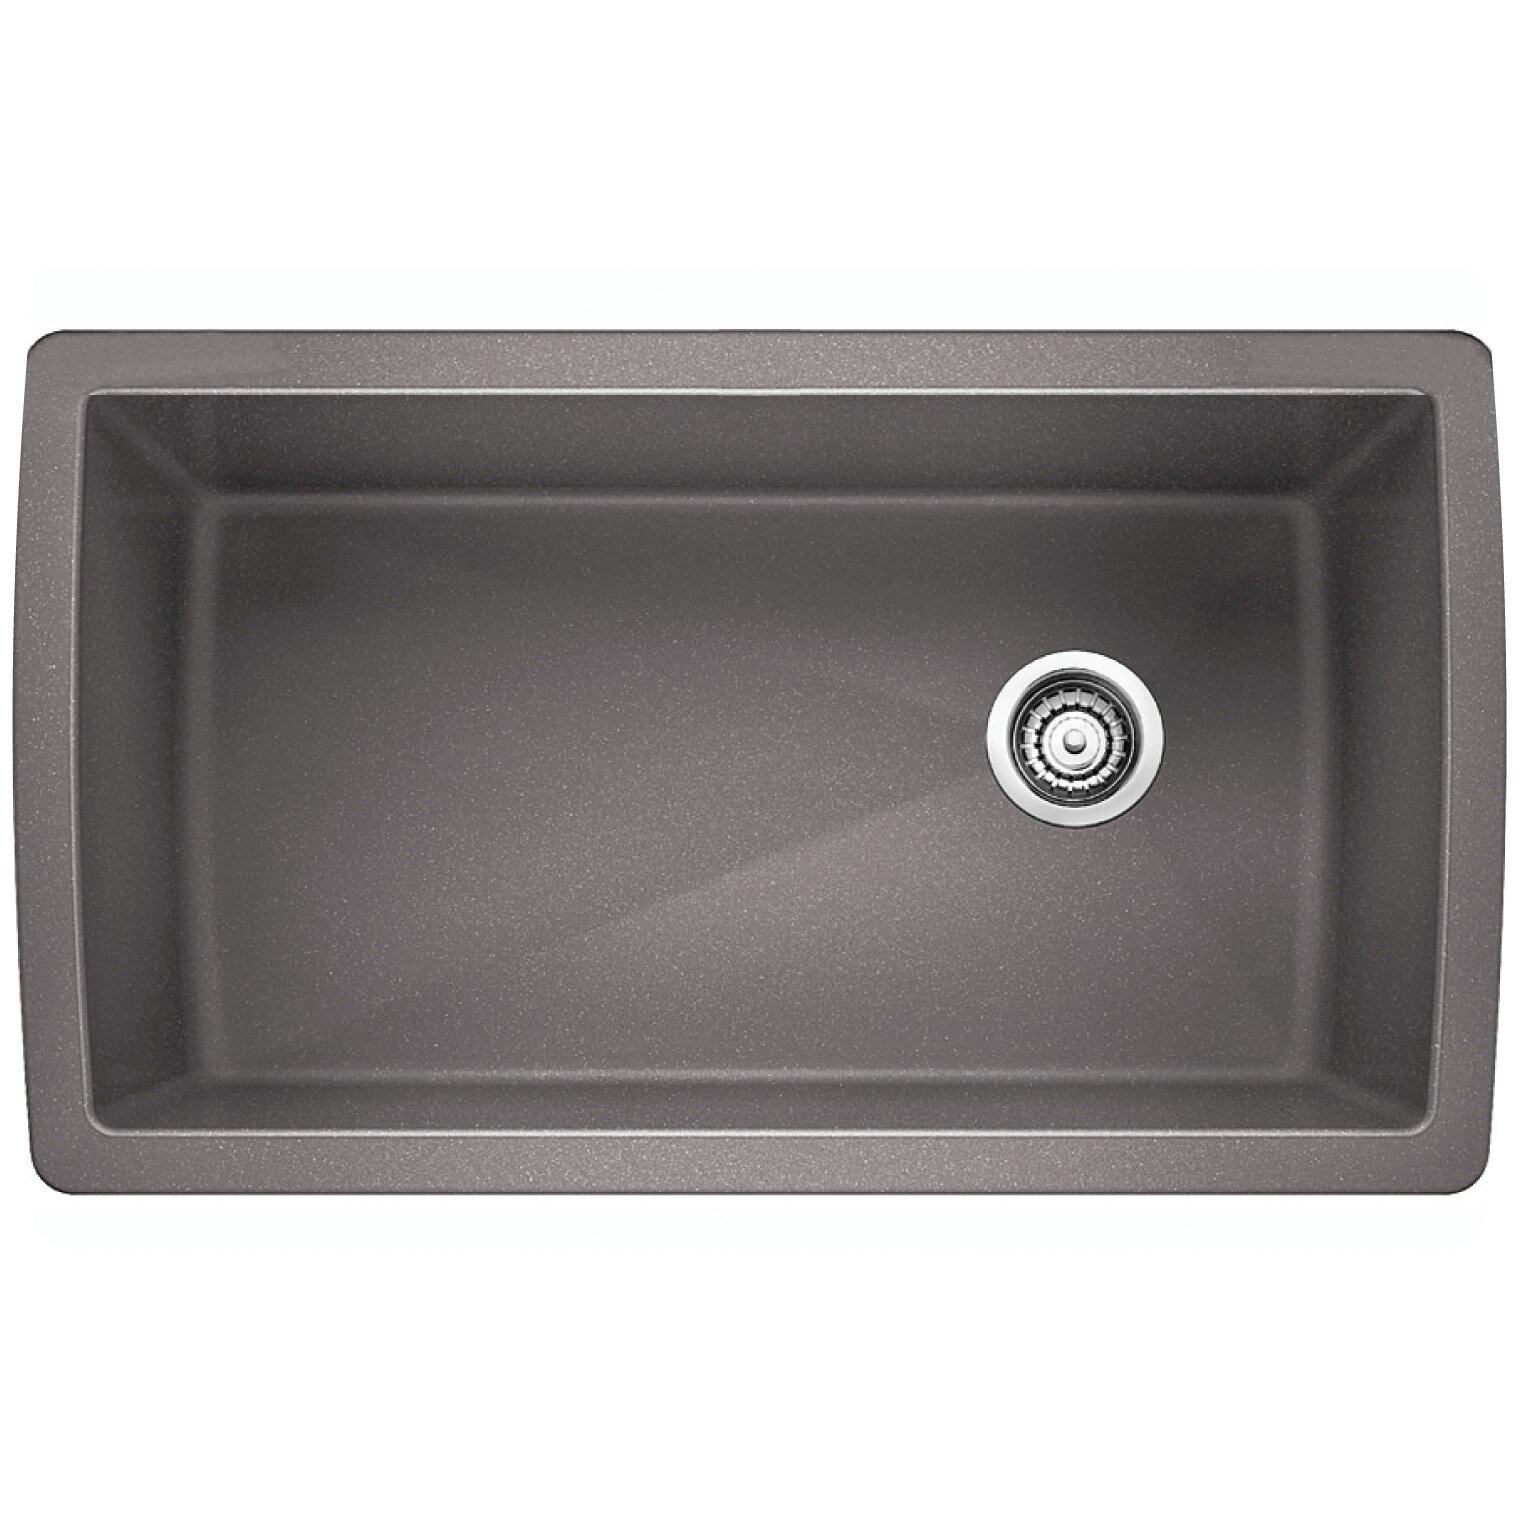 gray kitchen sink diamond 33 5 x 18 5 undermount kitchen sink